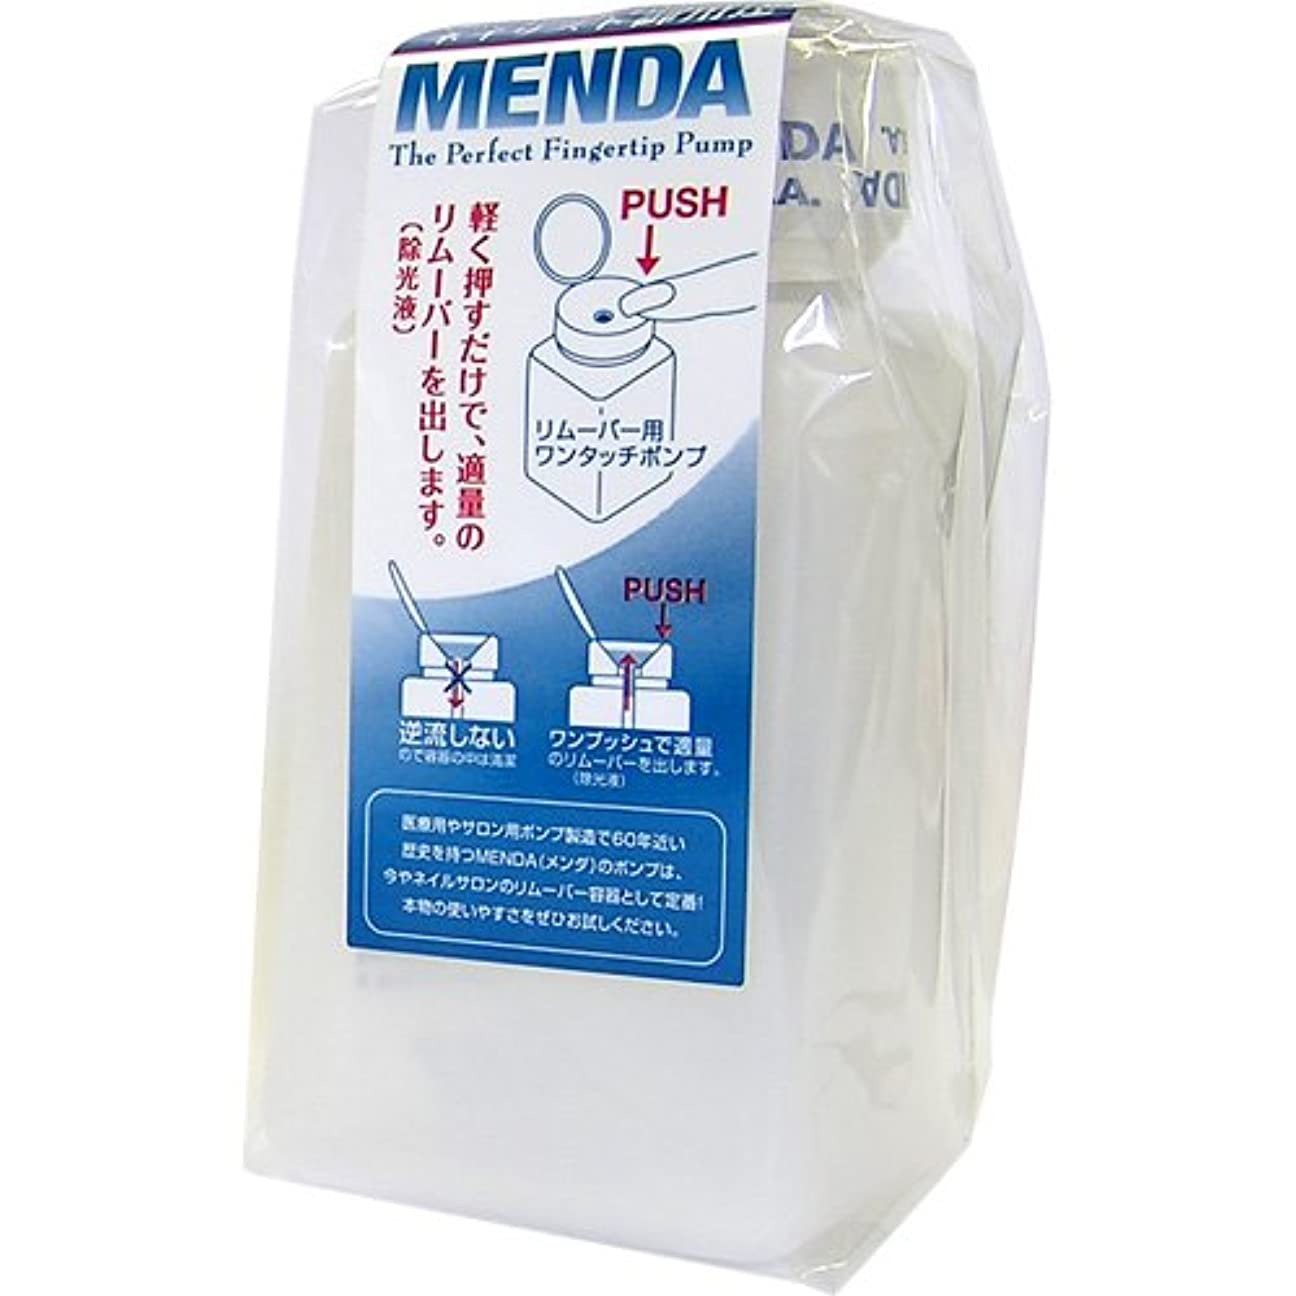 天気複製する共和国メンダ<MENDA>リムーバー用ワンタッチポンプ180ml(6oz)